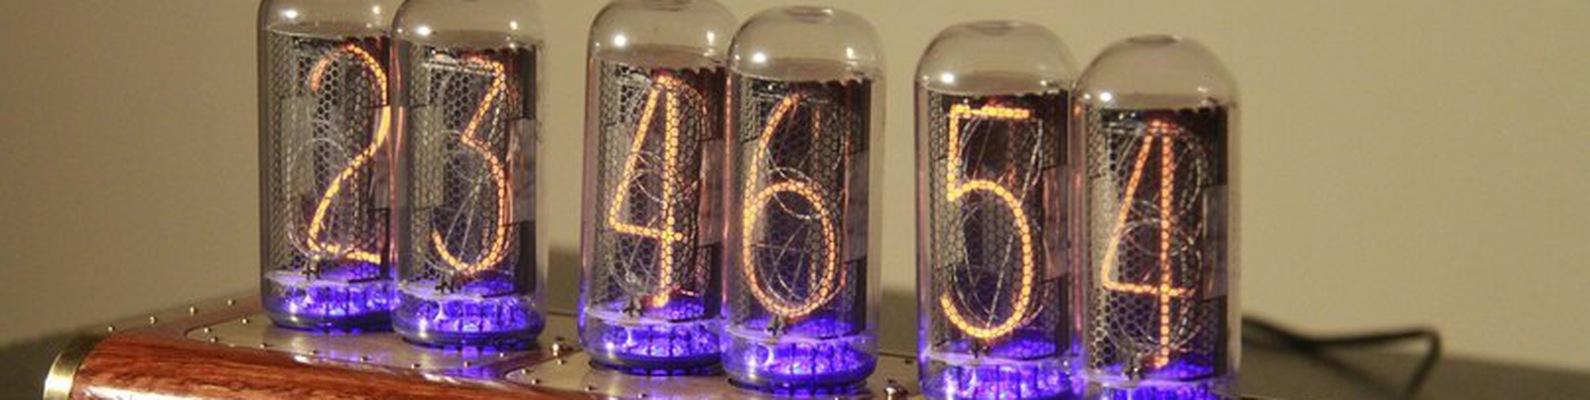 скупка индикаторных ламп фото аренде